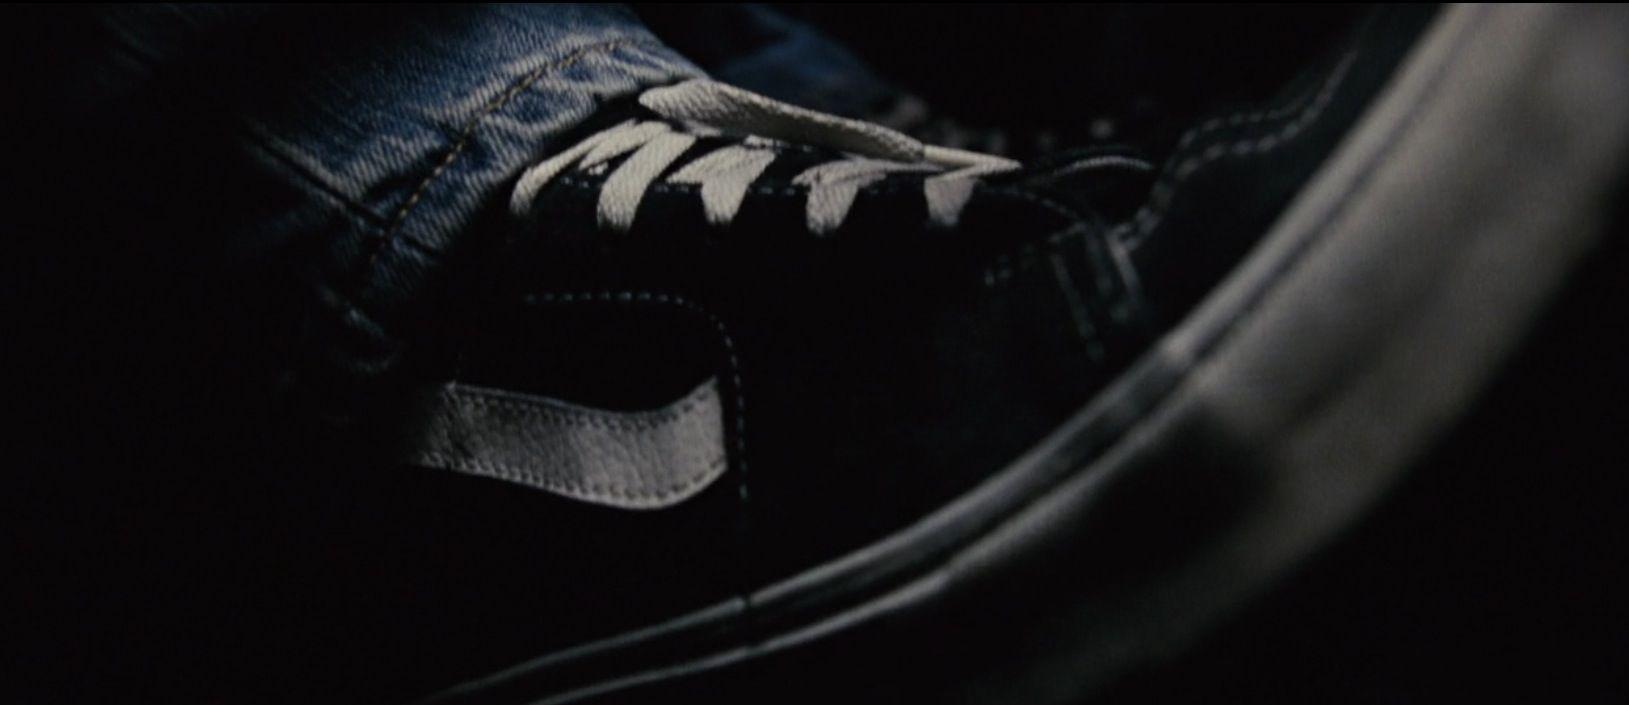 Vans Shoes Worn By Paul Walker In Fast Five 2011 At Vans